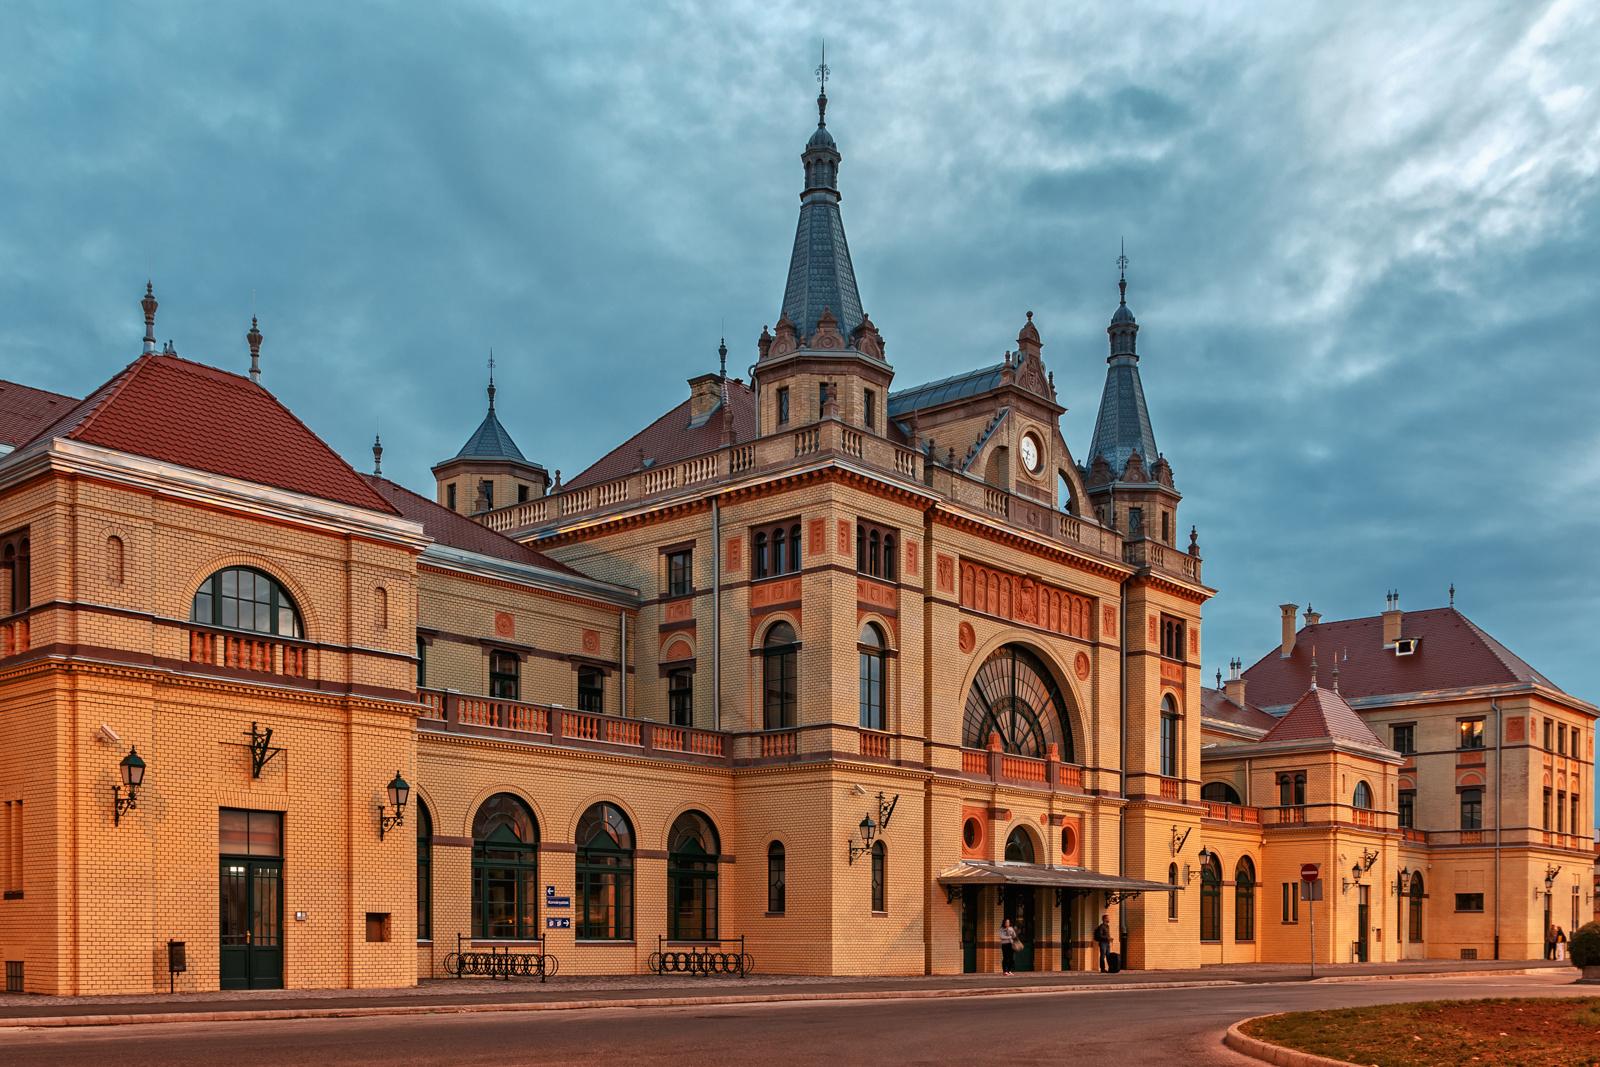 A megújult Pécsi főpályaudvar épülete